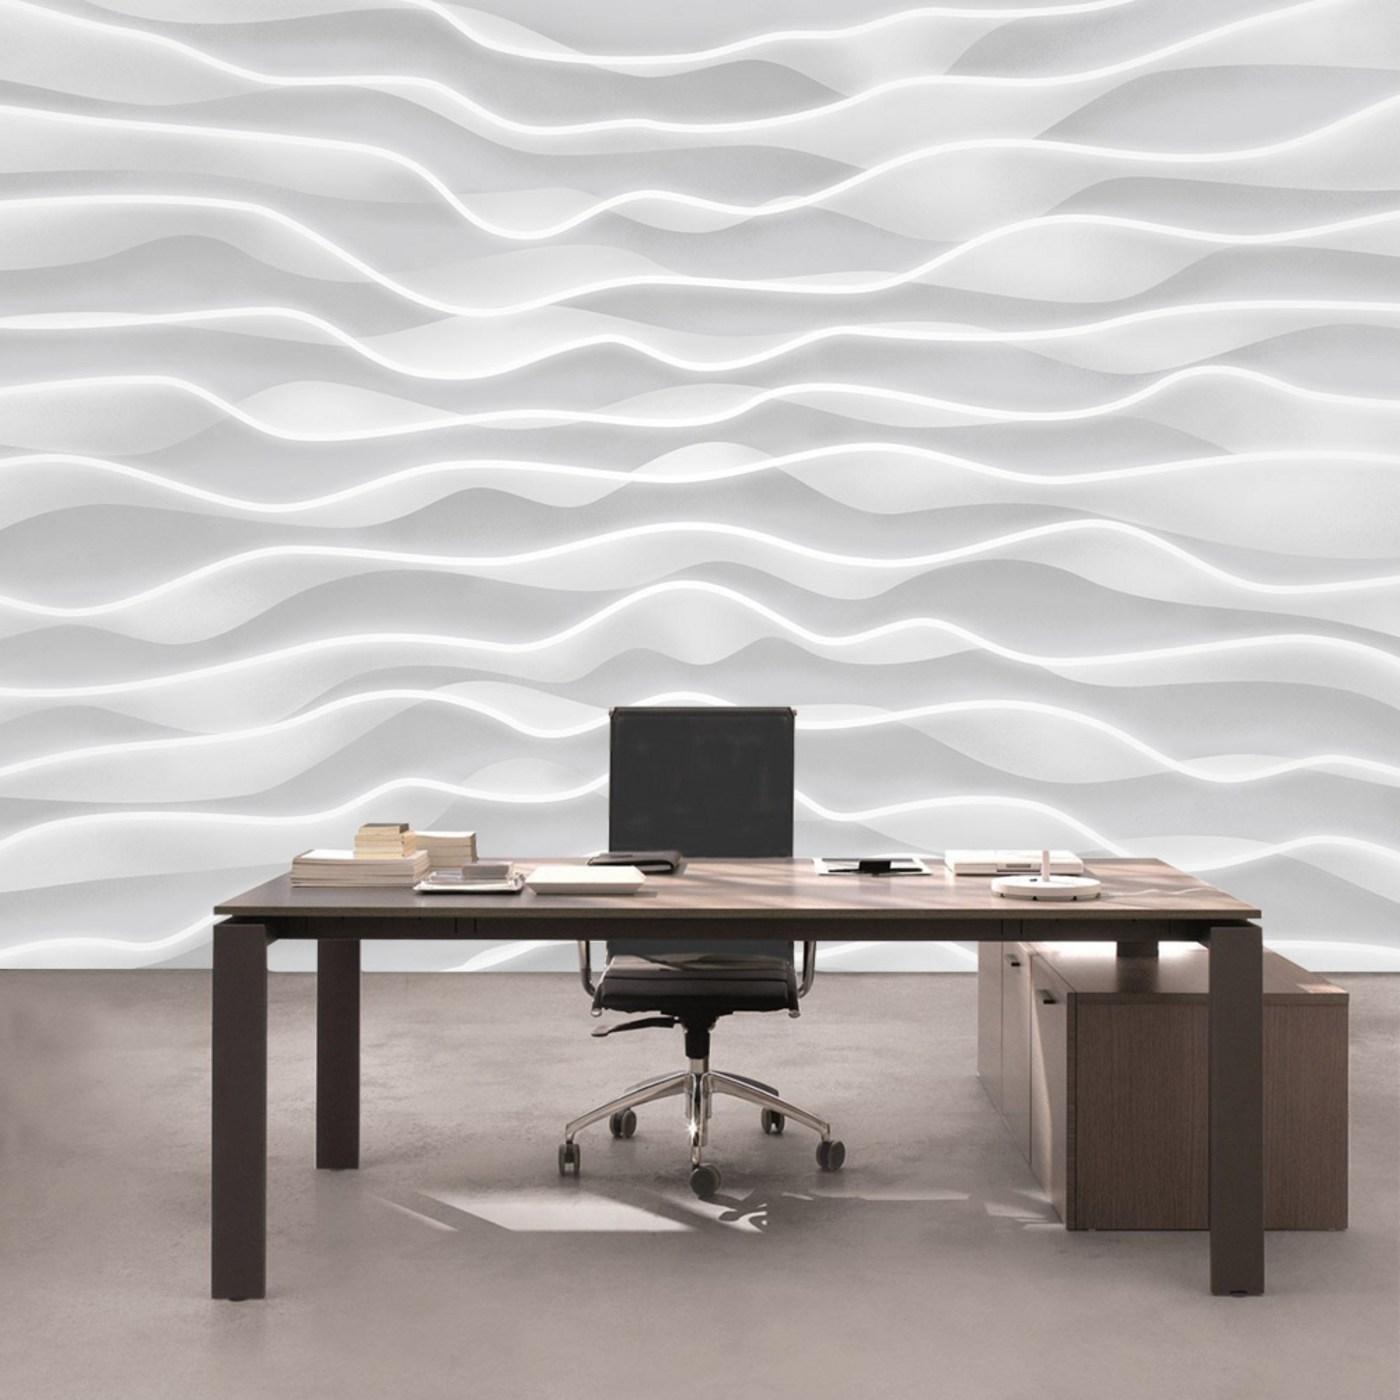 8810a0a1998c Vlies Fototapete 2869 - Kunst Tapete Design Wellen Abstrakt Muster weiß